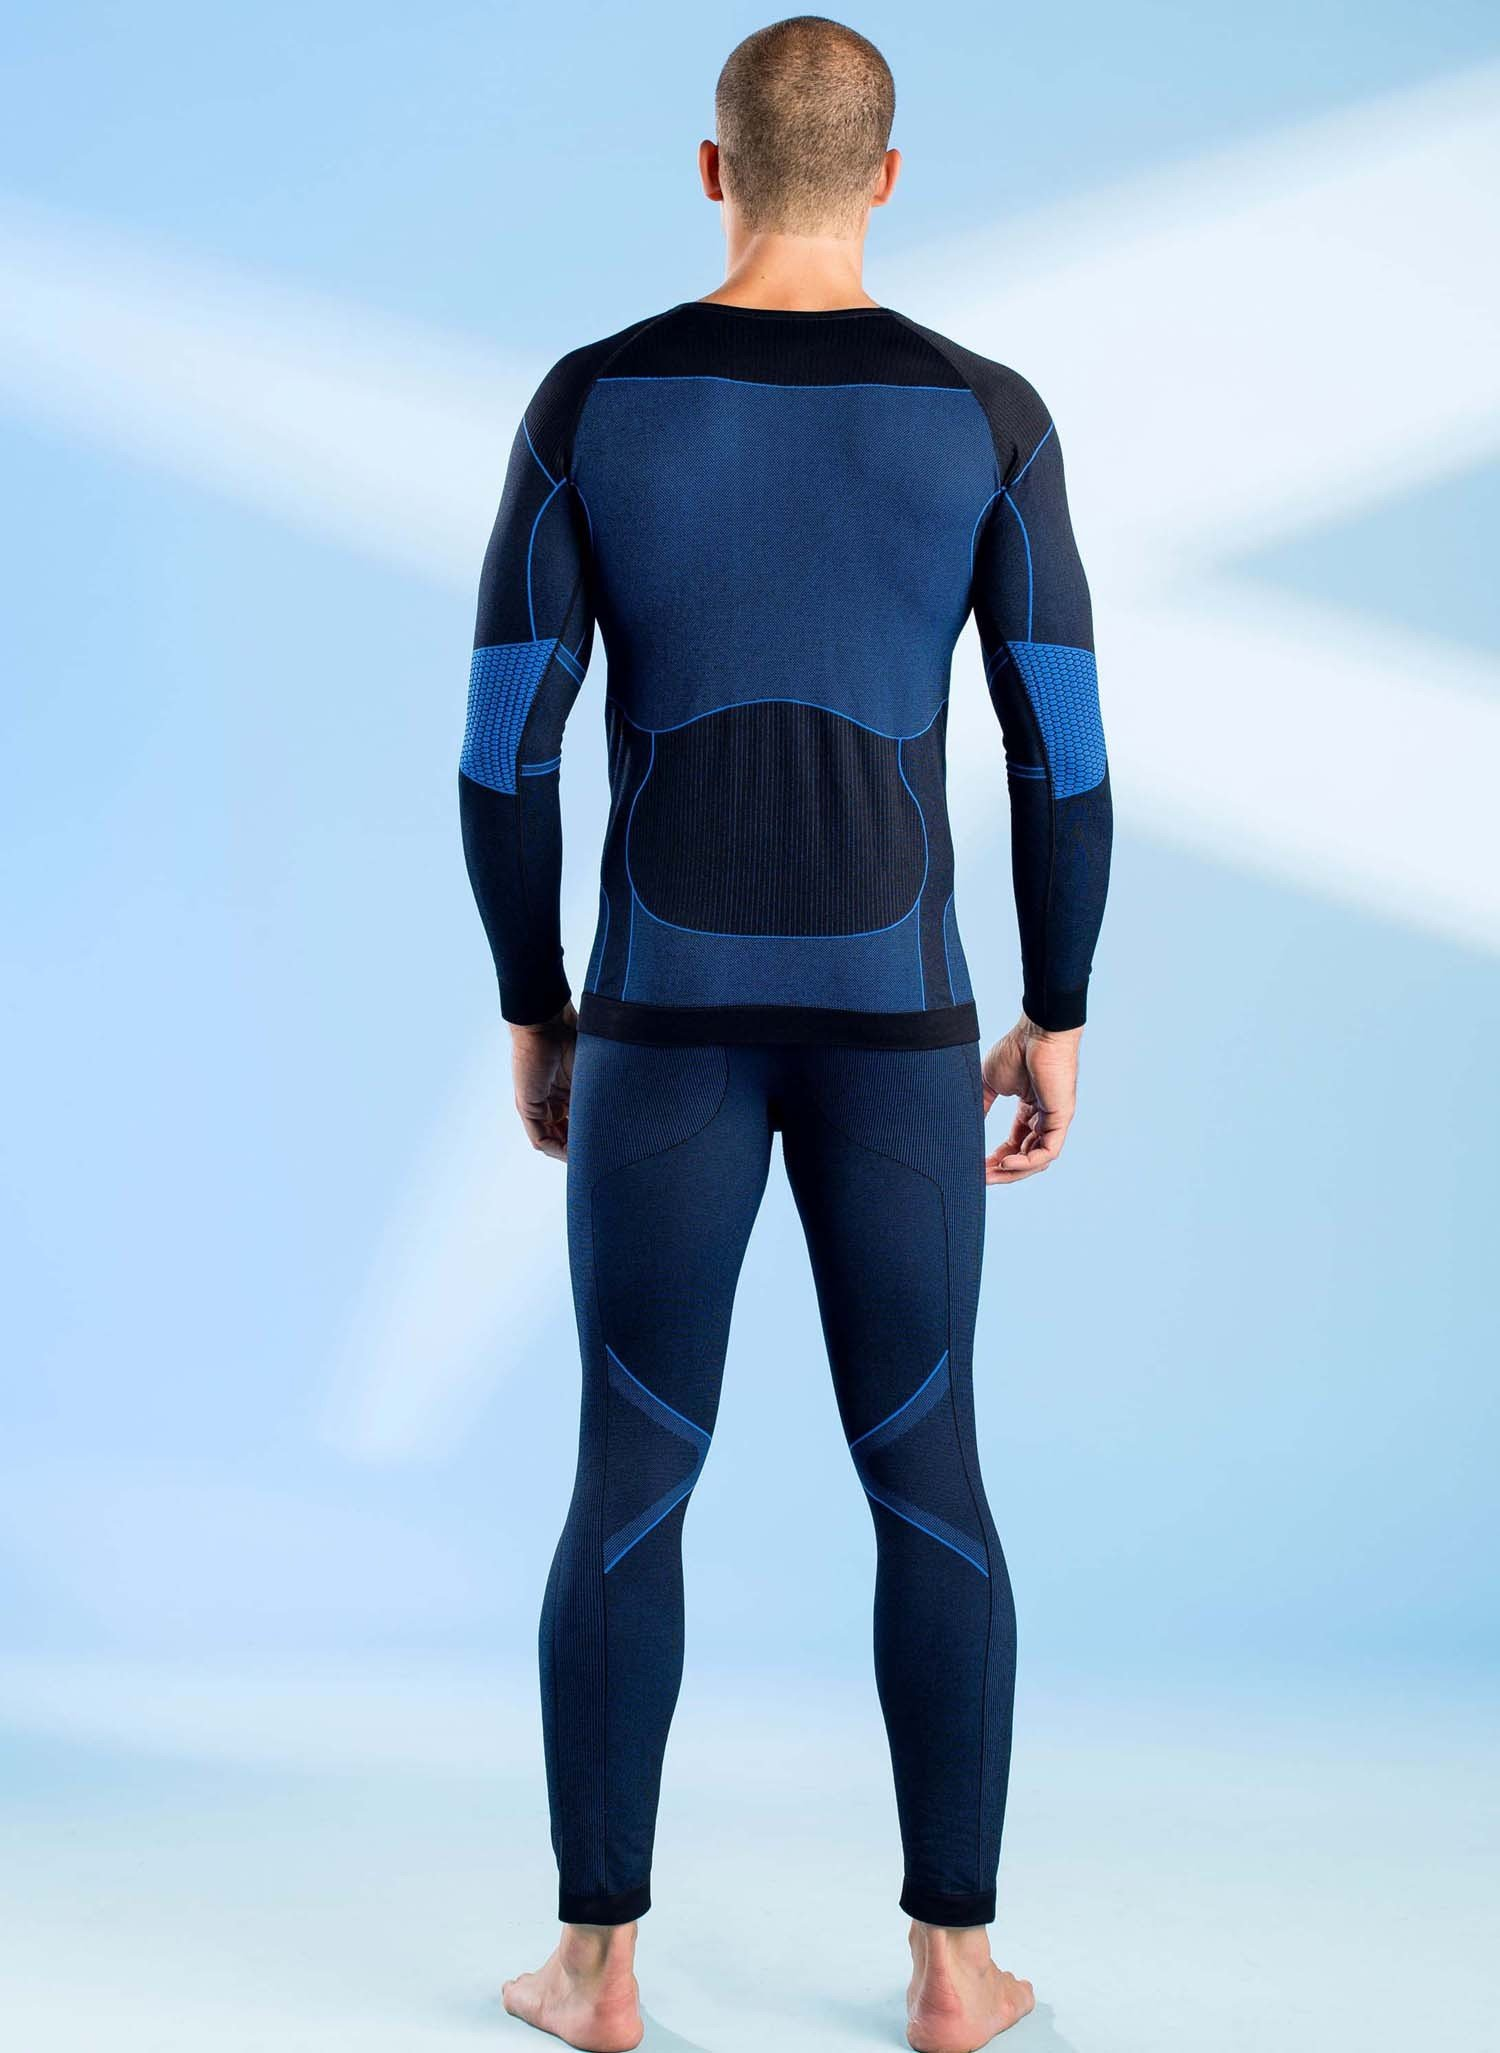 H-LA-Thermo-Shirt schw/blau XXL 172 - 3 - Ronja.ch